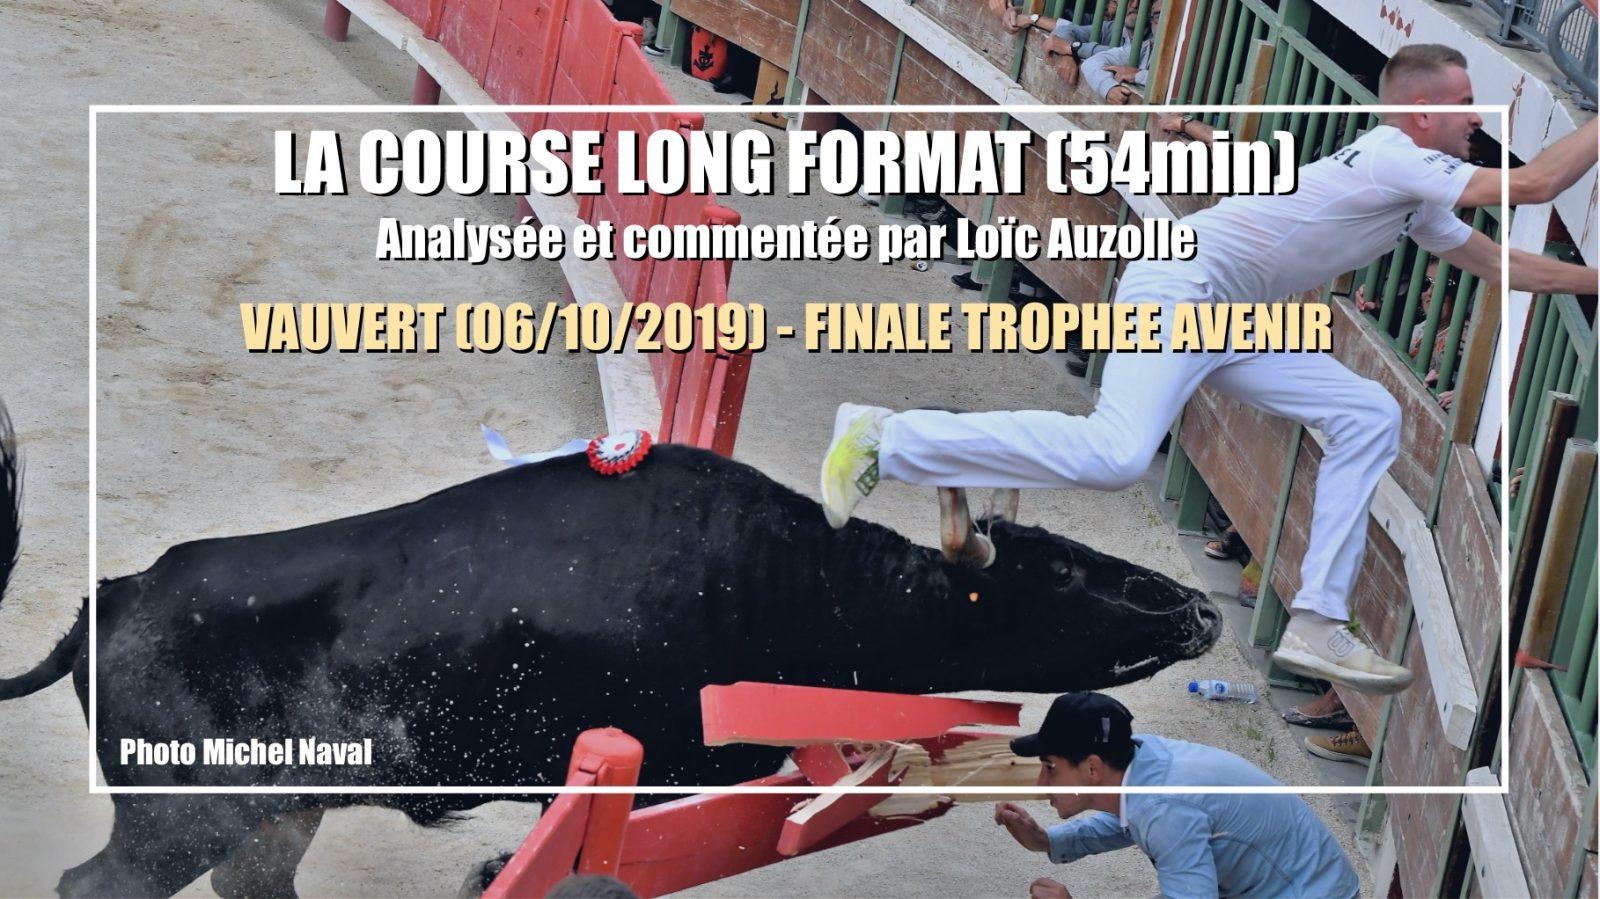 LA COURSE LONG FORMAT (54min) – VAUVERT (06/10/2019) – Finale Trophée Avenir – Analysée et commentée par Loïc Auzolle